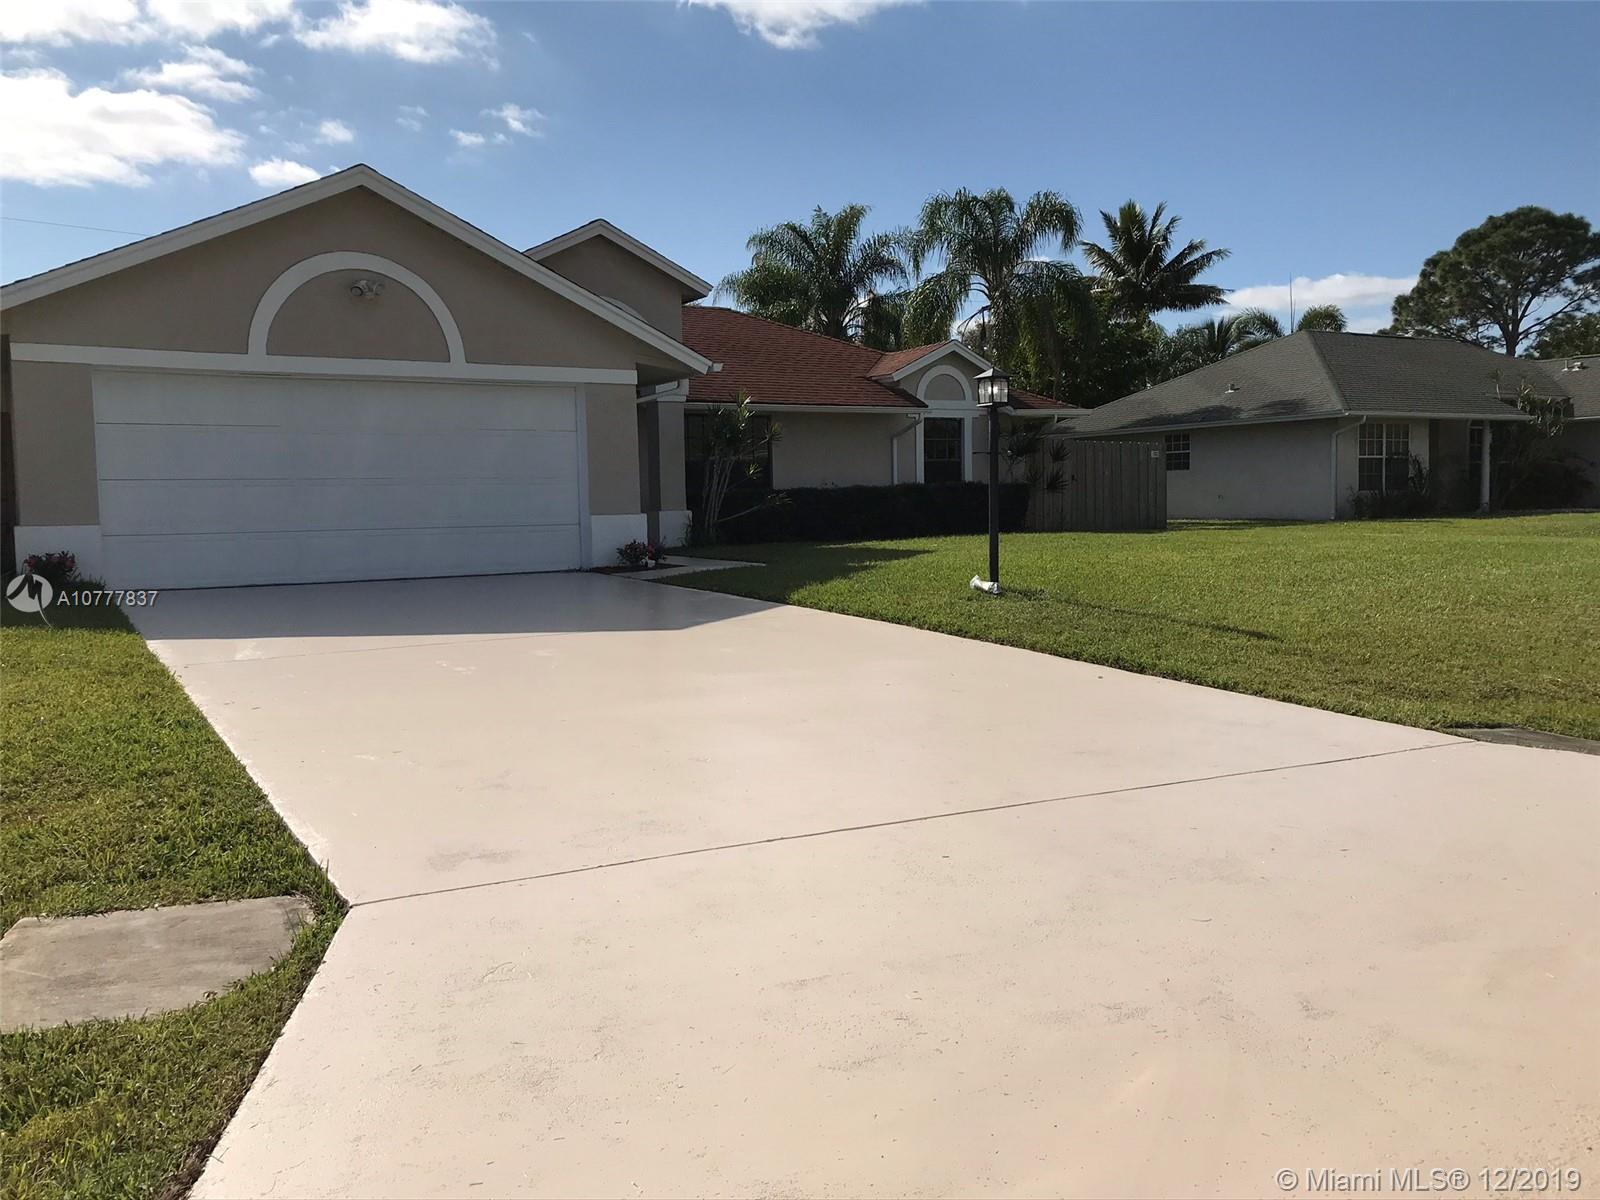 2656 SE Brevard Ave, Port St. Lucie, FL 34952